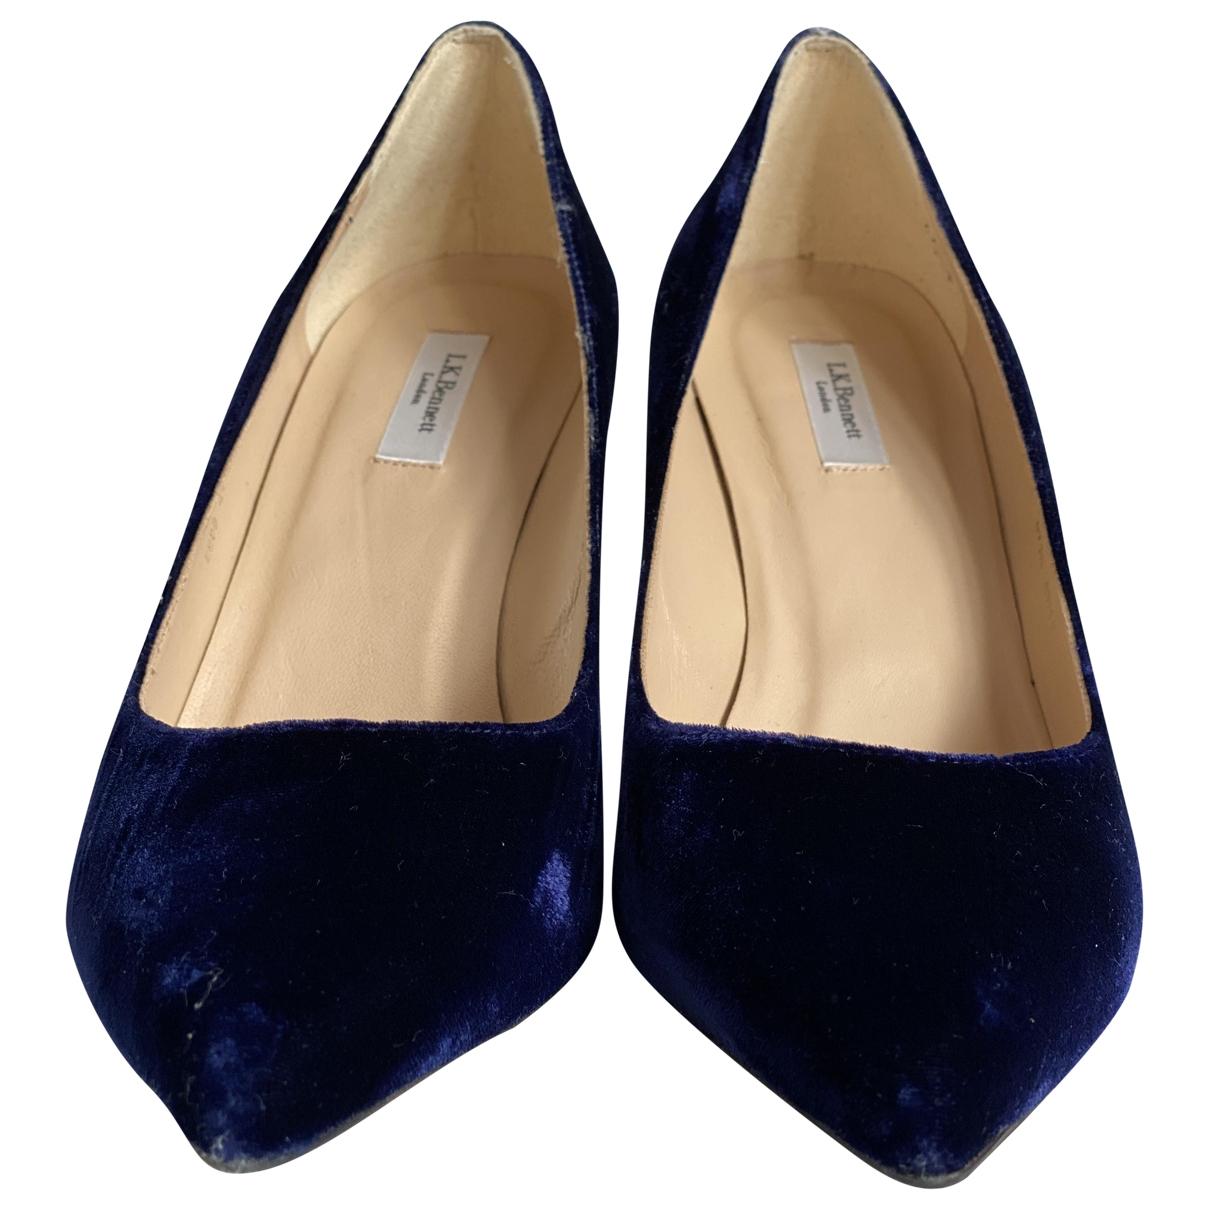 Lk Bennett \N Blue Velvet Heels for Women 41 EU